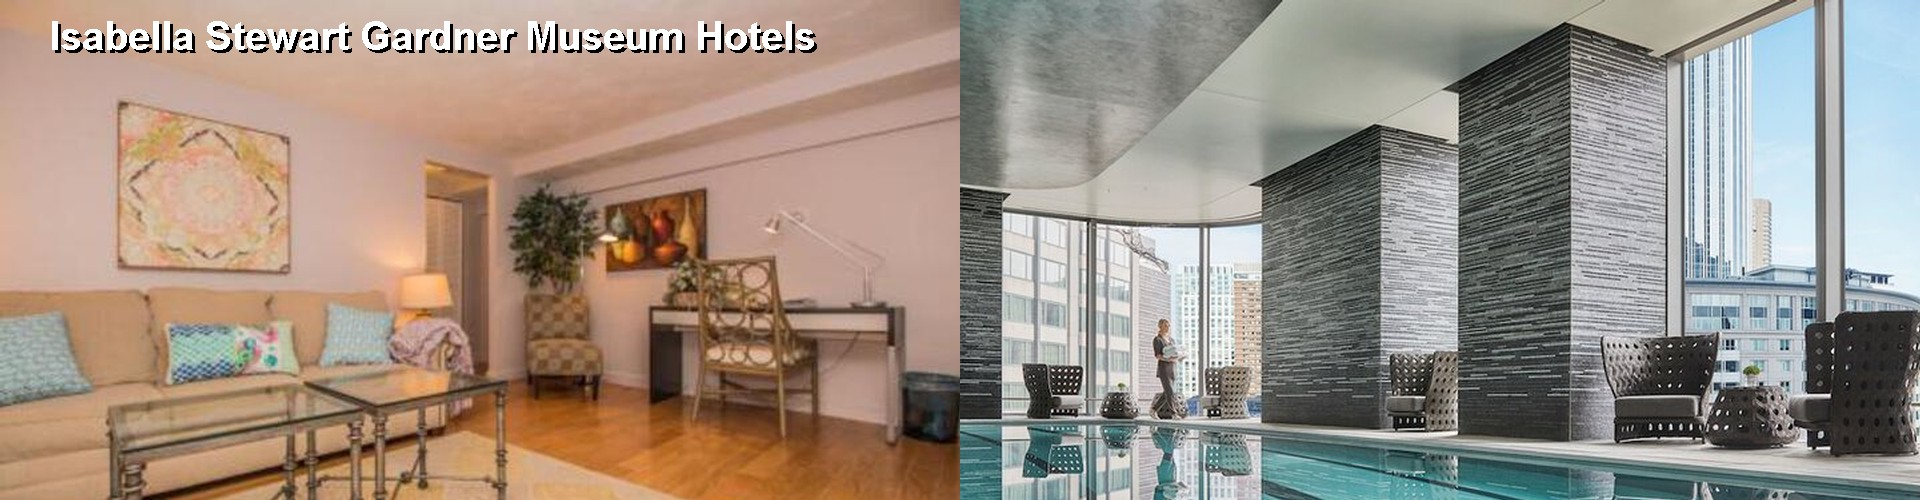 5 Best Hotels Near Isabella Gardner Museum